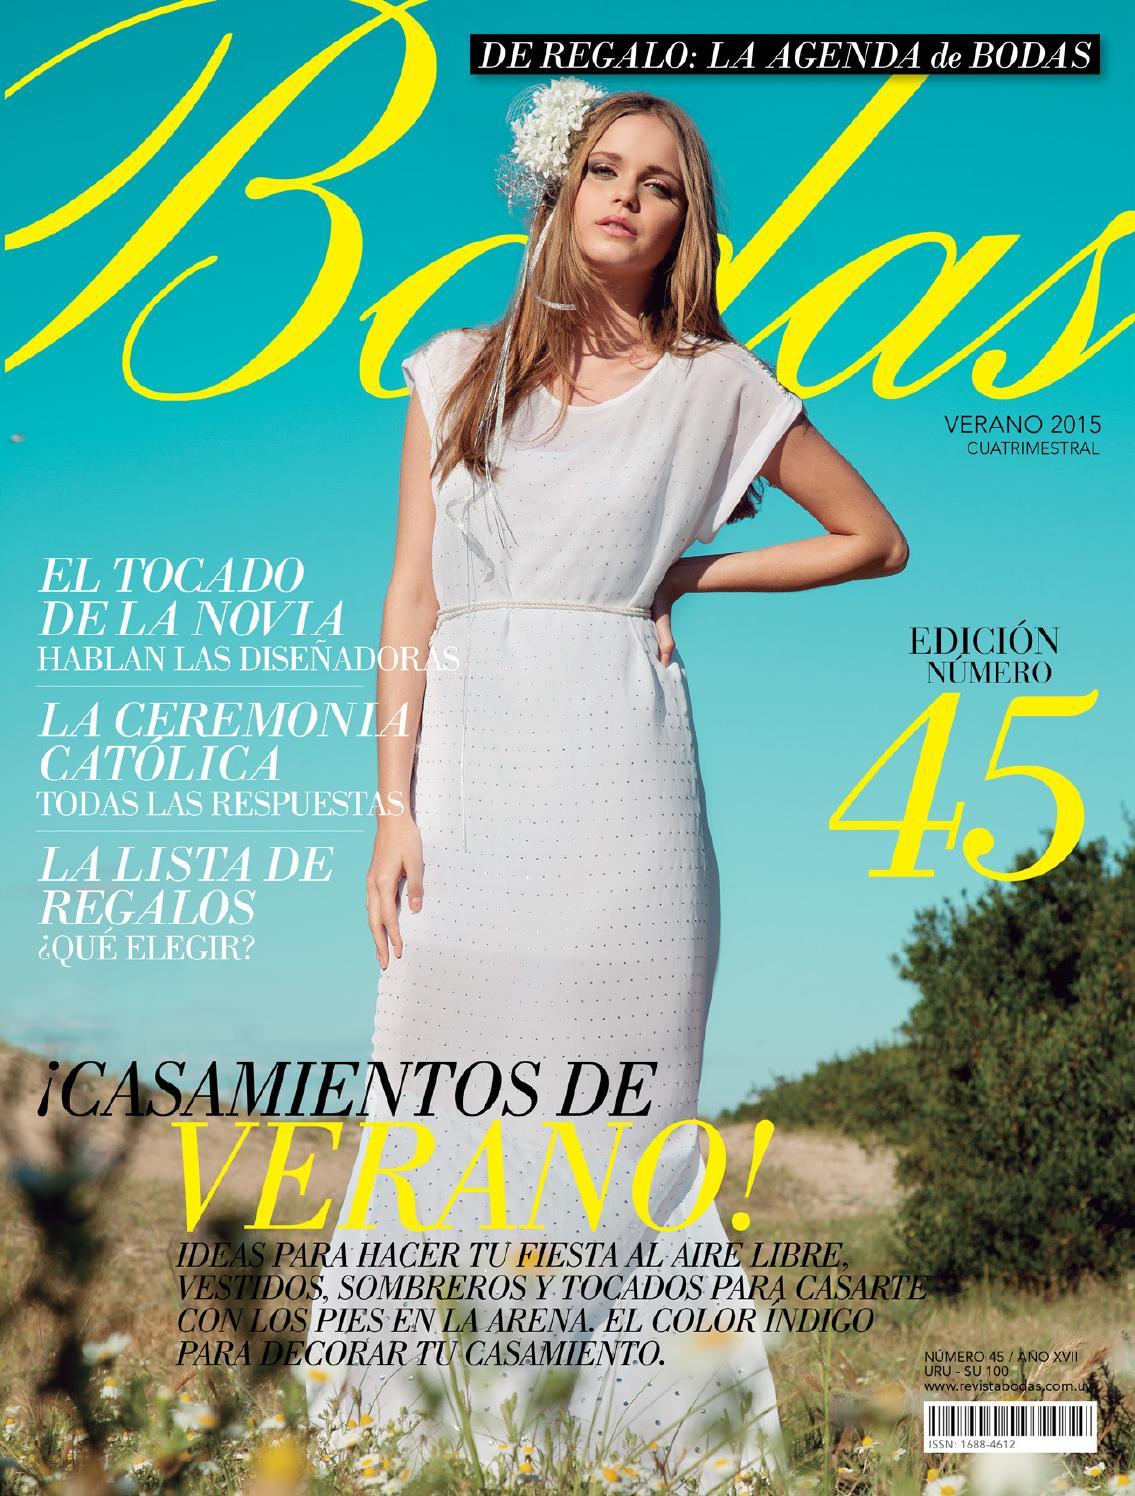 Bodas | Primavera-Verano 2013-14 by bodas - issuu